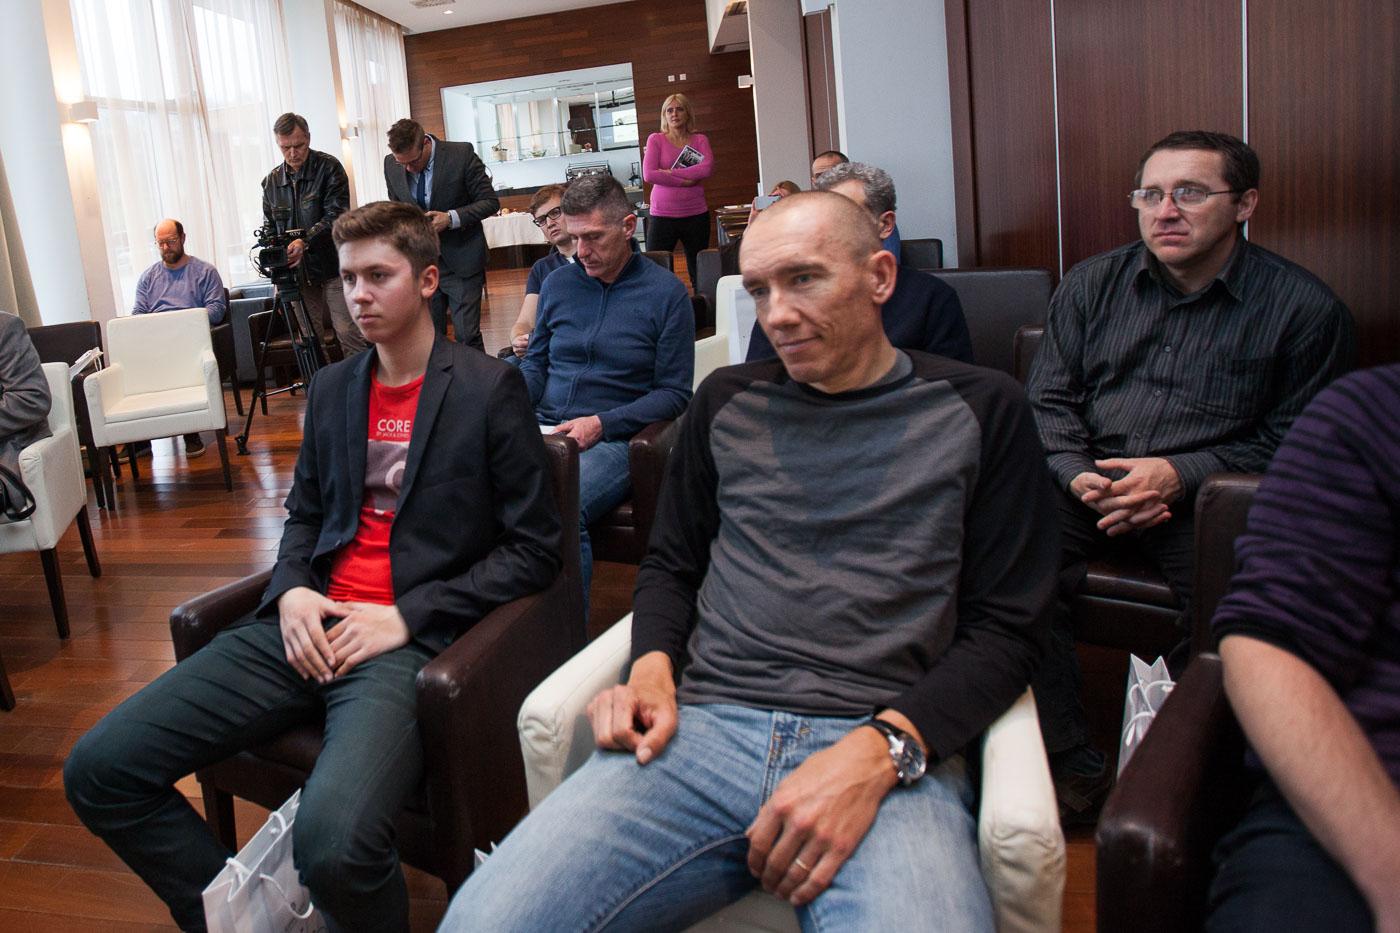 Lijevo - Tomaž Humer, u prvom planu - Marko Baloh